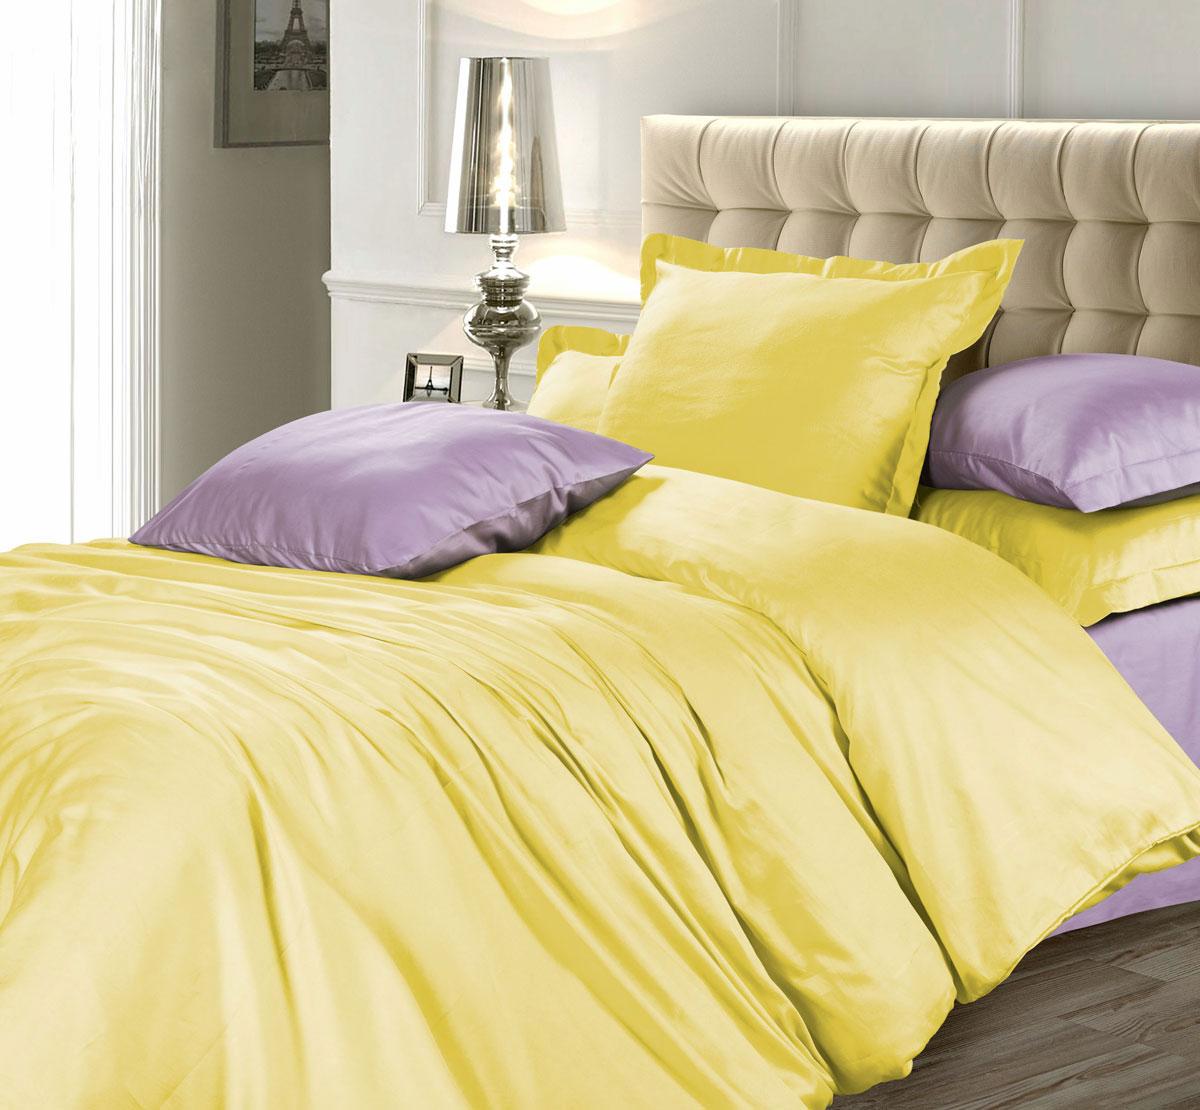 Комплект белья Unison Лимонный фреш, 1,5-спальный, наволочки 70х70, цвет: желтый, фиолетовый2030115100Роскошный комплект постельного белья Unison Лимонный фреш выполнен из натуральной ткани LUX Сатин (из 100% хлопка высшего качества). Комплект состоит из пододеяльника, простыни и двух наволочек.LUX Сатин - мягкий, износостойкий, нежный сатин с благородным шелковистым блеском. Он производится из крученой хлопковой нити по специальной технологии двойного плетения. У этой ткани нет равных по прочности и долговечности, белье из него выдерживает более 300 стирок, сохраняя при этом вид продукта экстра-класса.